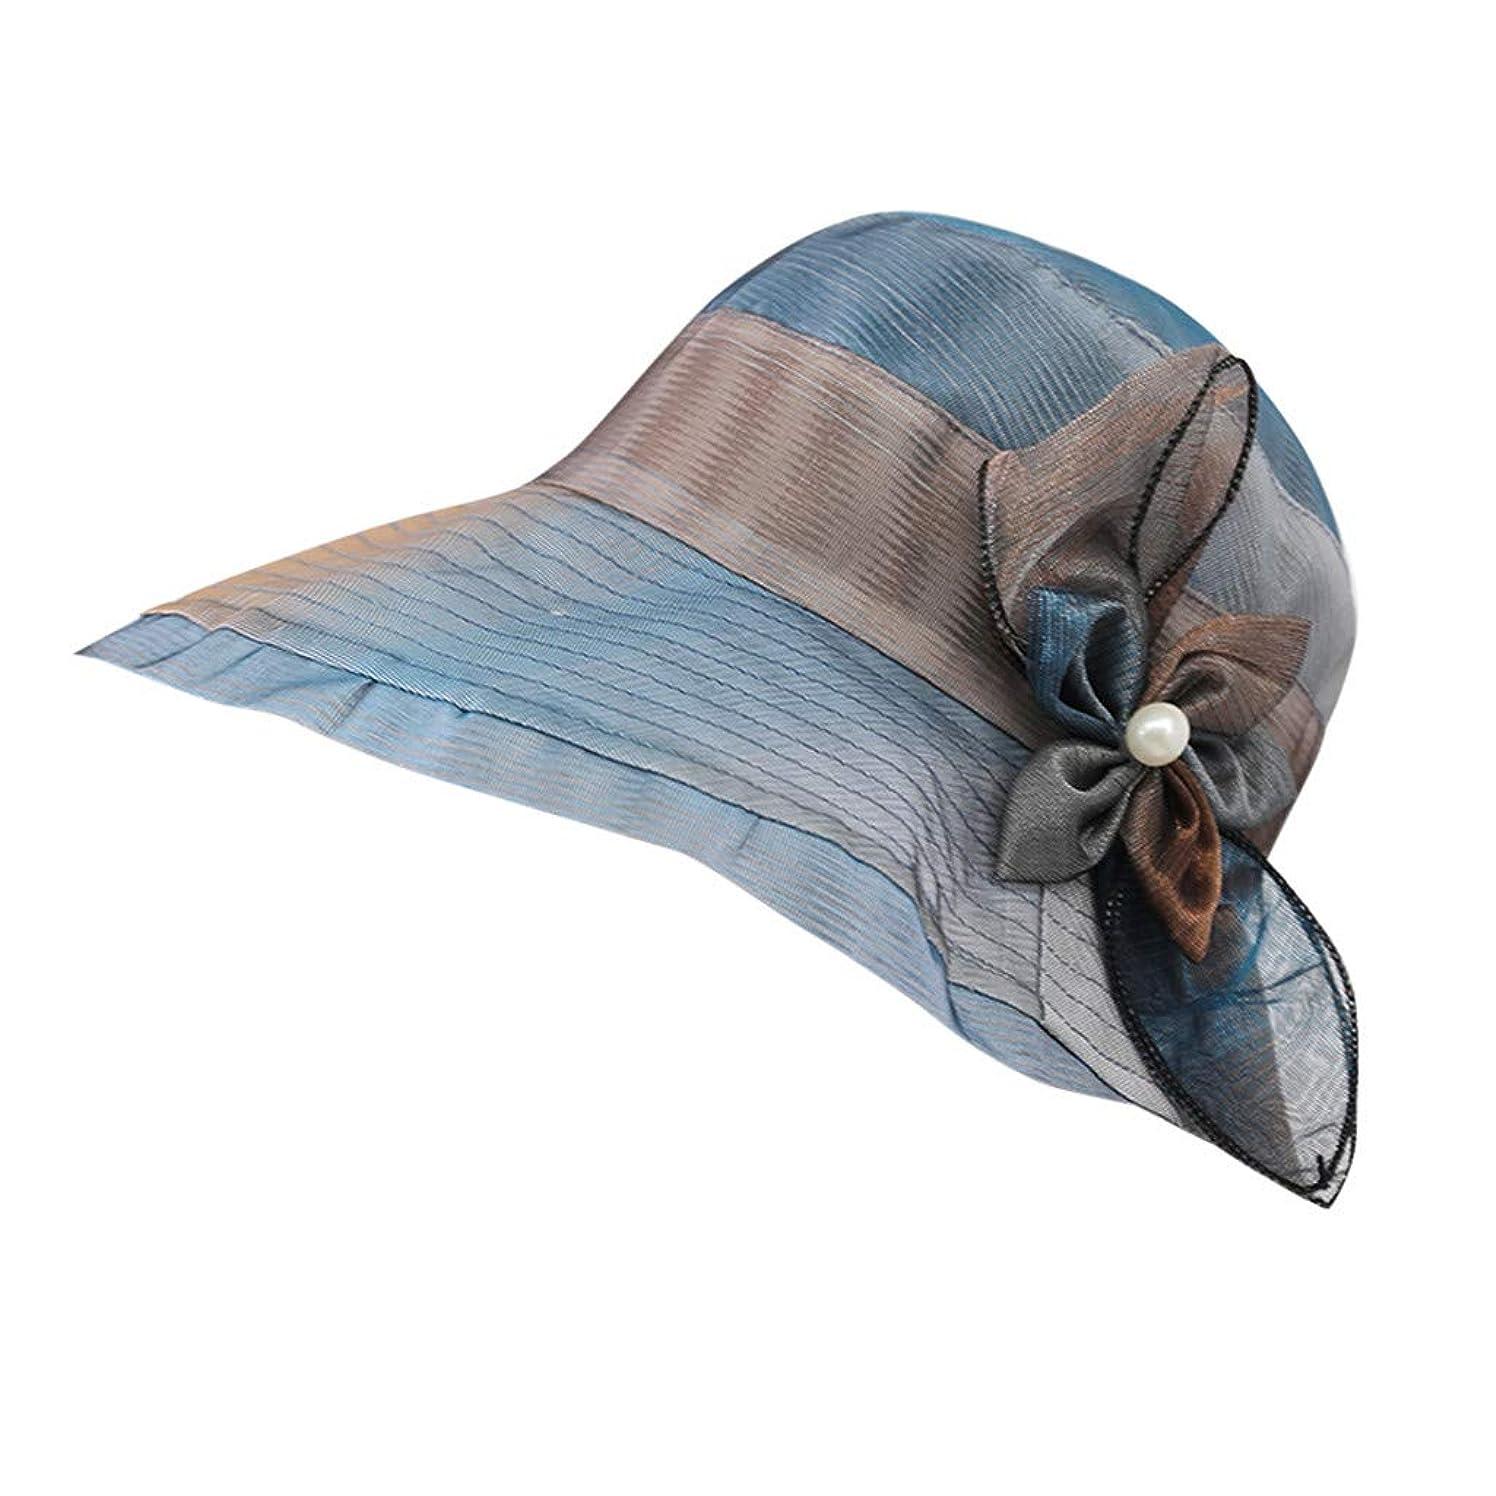 鰐休戦測るハット レディース UVカット 帽子 レディース 日よけ 帽子 レディース つば広 無地 洗える 紫外線対策 ハット カジュアル 旅行用 日よけ 夏季 女優帽 小顔効果抜群 可愛い 夏季 海 旅行 ROSE ROMAN